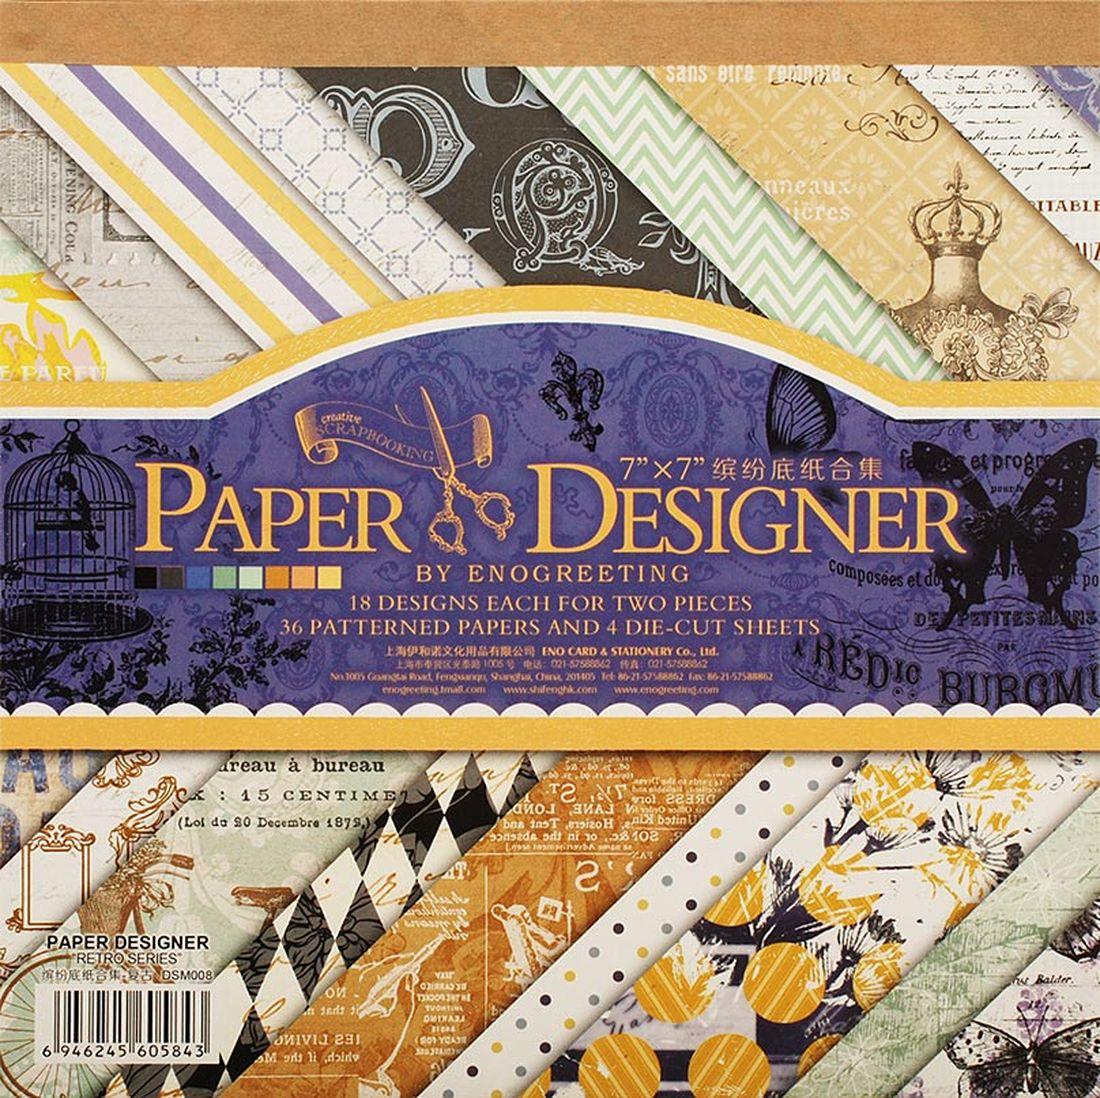 Набор бумаги для скрапбукинга Белоснежка  Синий сапфир , 17,5 x 17,5 см, 36 листов -  Бумага и картон